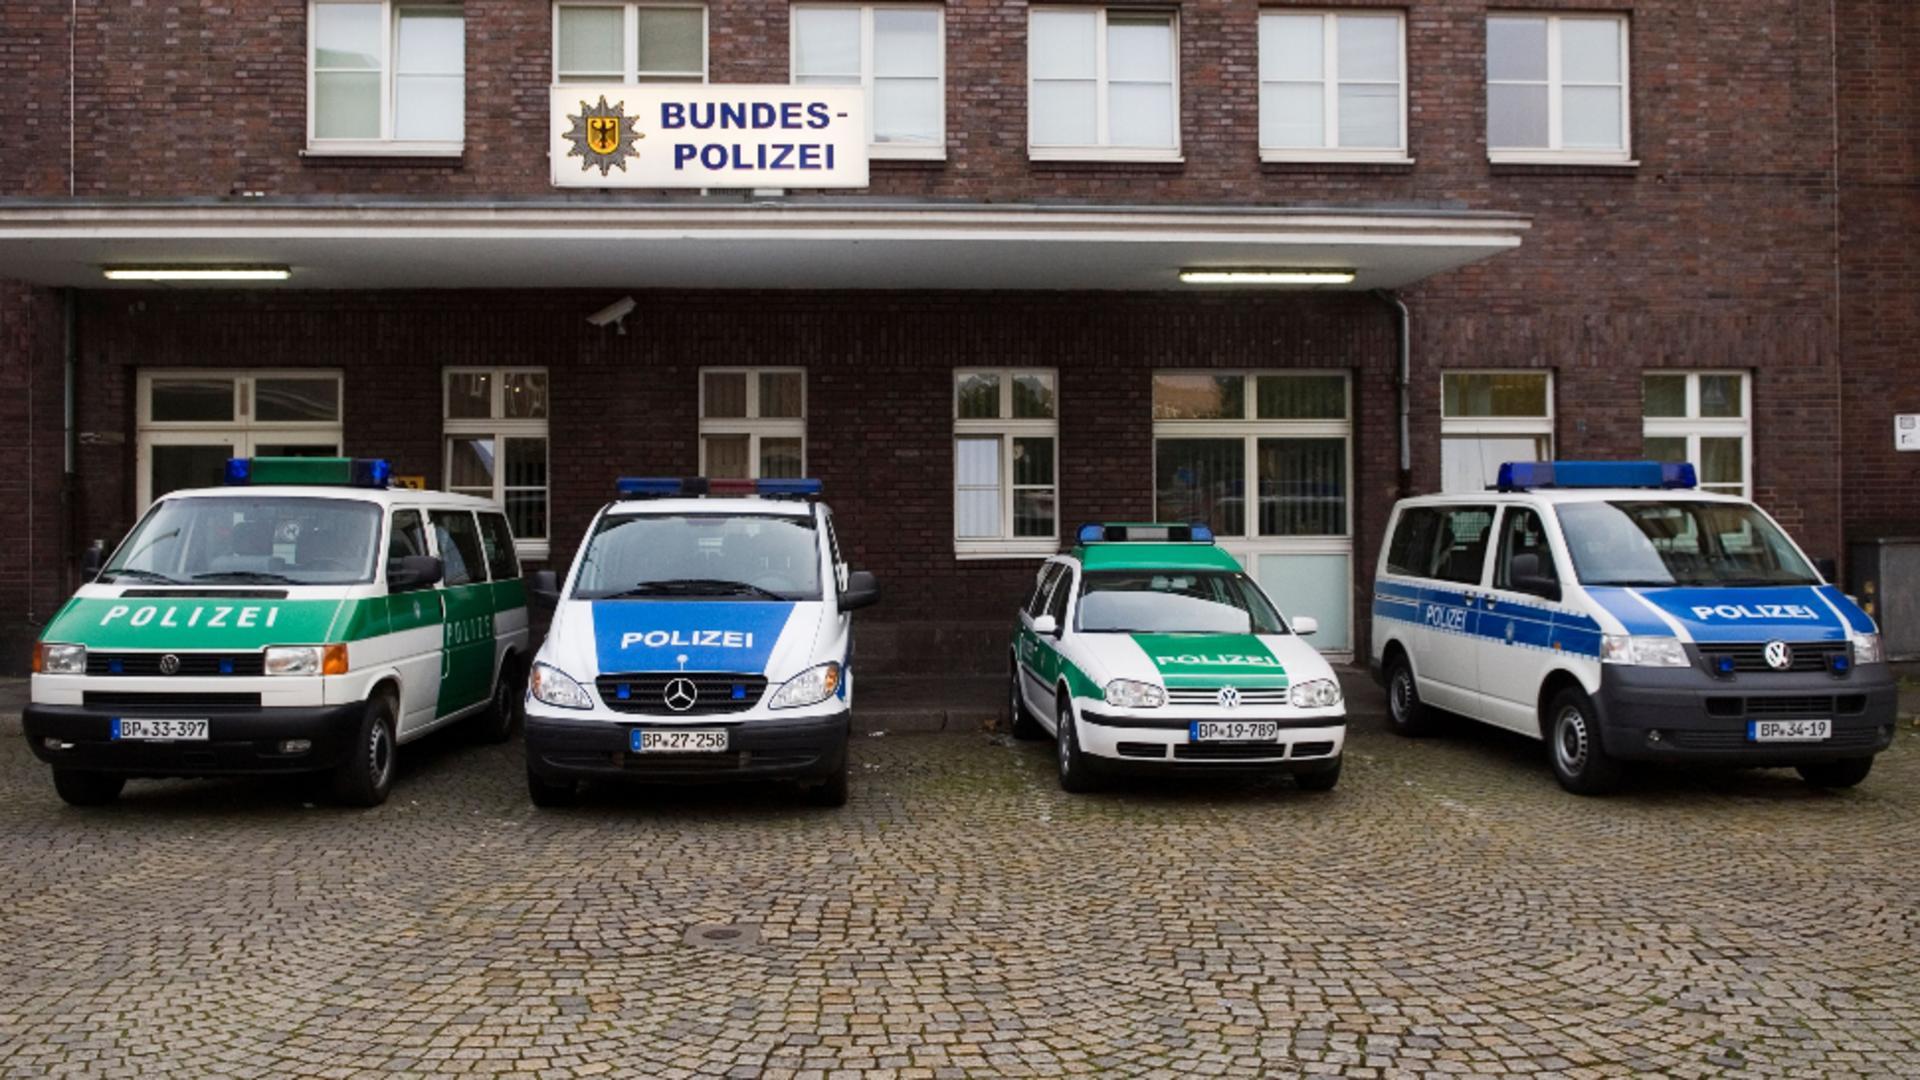 Român mort în secția de poliție, în Germania, după ce a fost prins. Foto/Profimedia